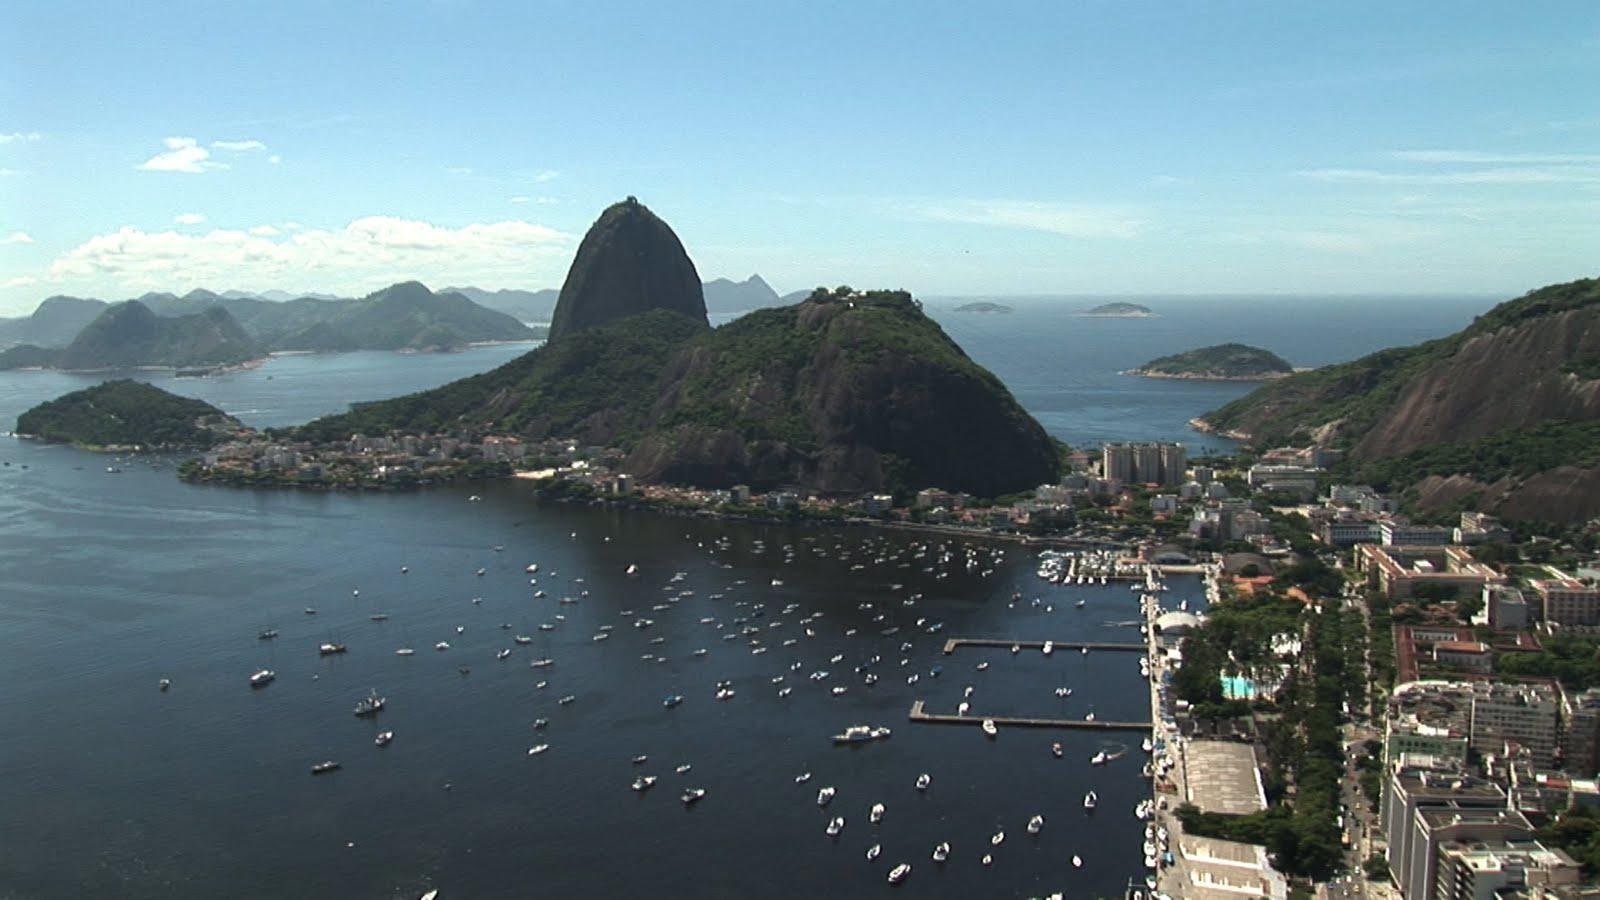 Regata ecológica promove limpeza na Baía de Guanabara